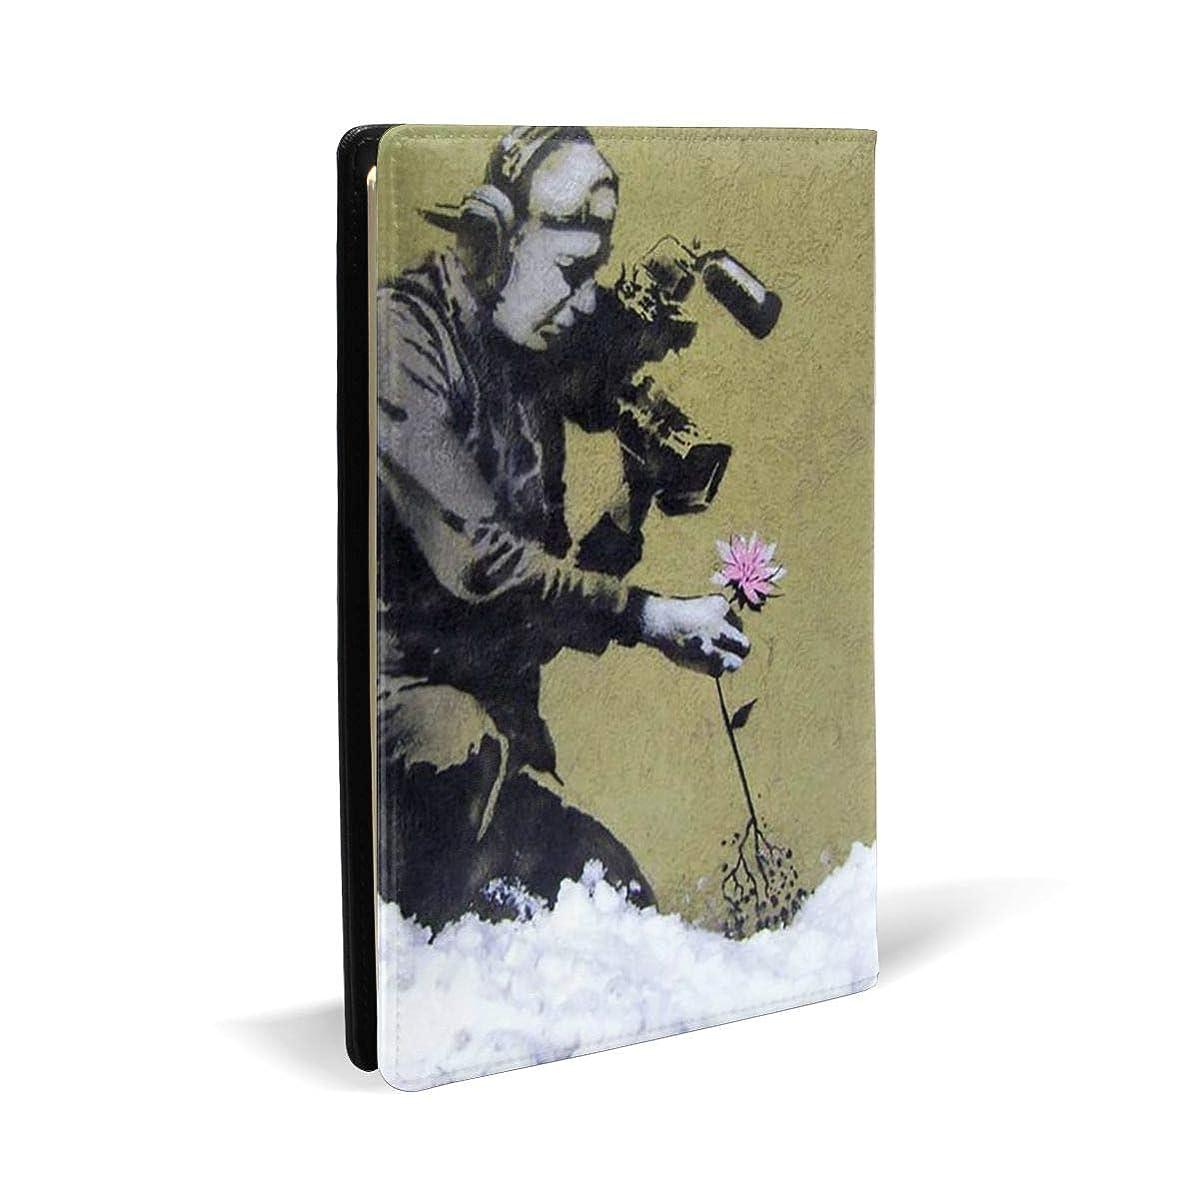 イタリック志すグッゲンハイム美術館ブラックサーカス ブックカバー A5 PUレザー Banksy バンクシー 文庫本カバー オフィス用品 文房具 カバー 学習用品